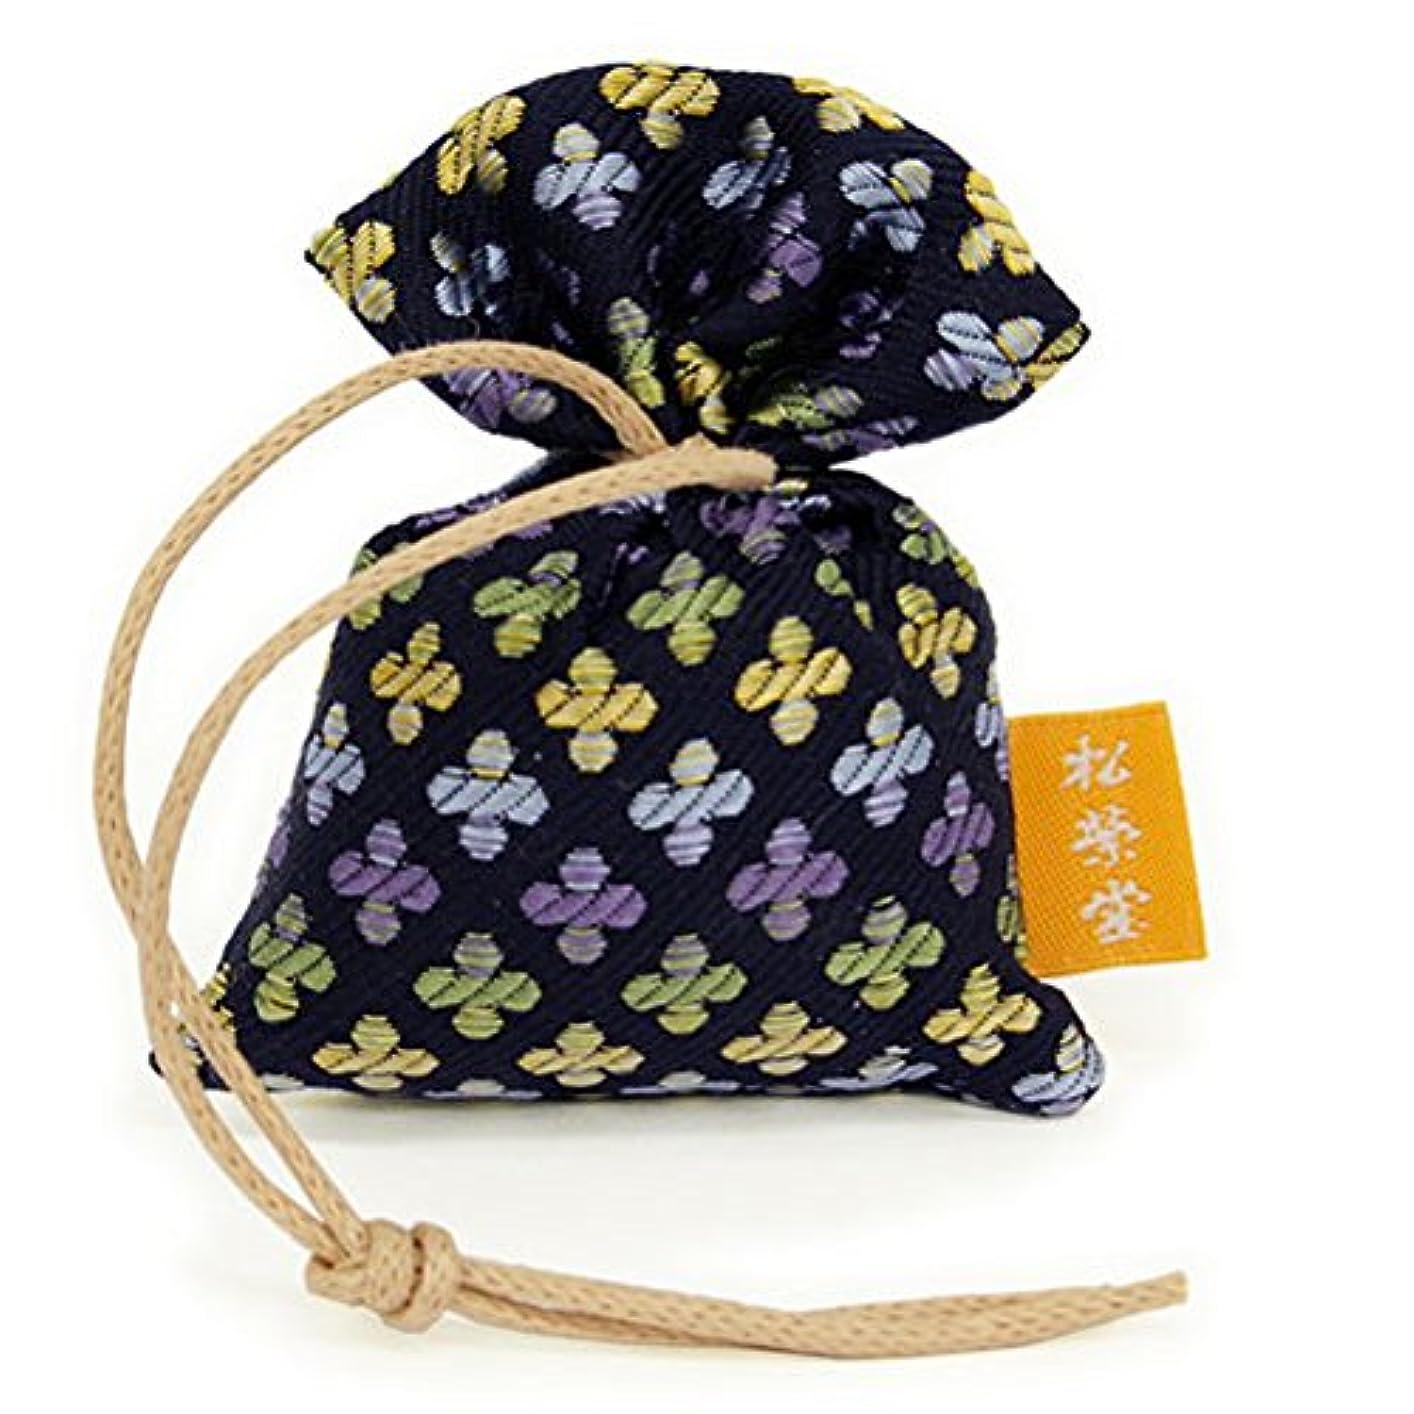 祖母賢明な稚魚匂い袋 誰が袖 薫 かおる 1個入 松栄堂 Shoyeido 本体長さ60mm (色?柄は選べません)